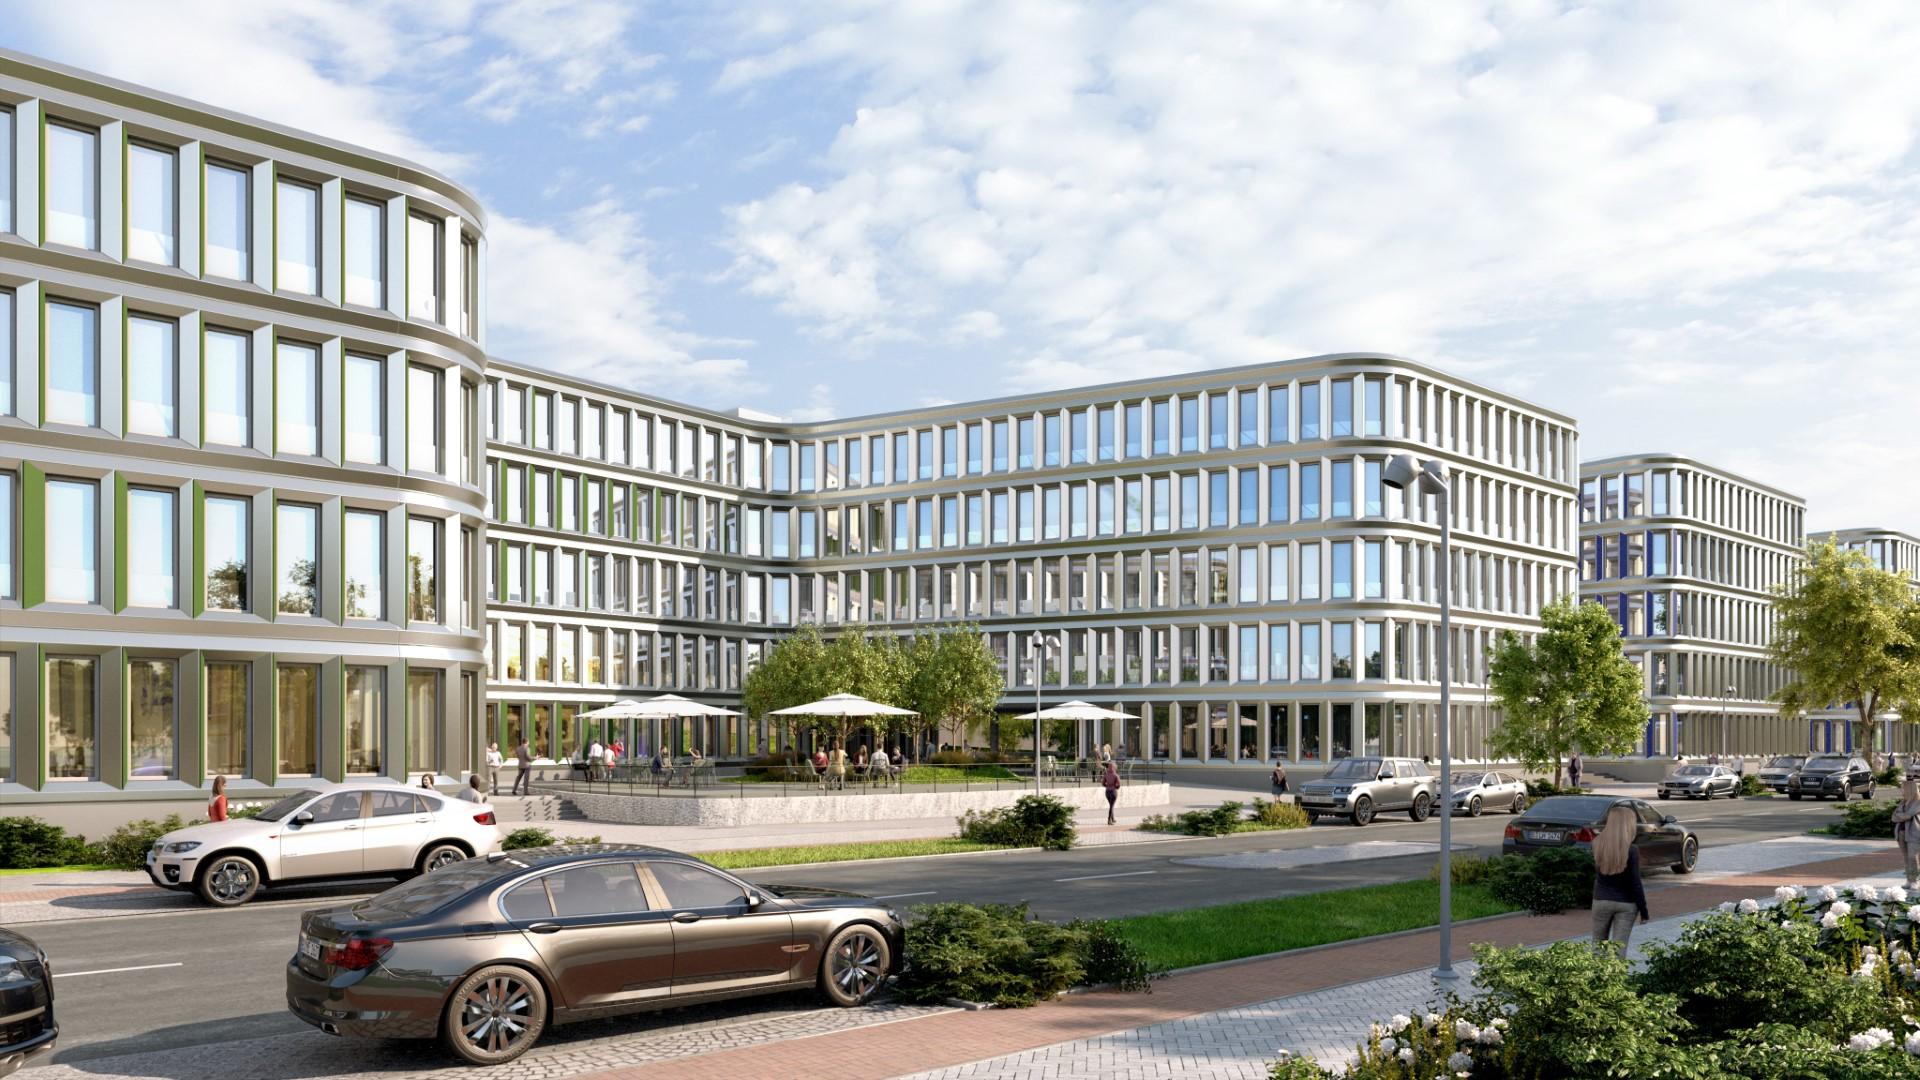 Forschungsinstitute Berlin